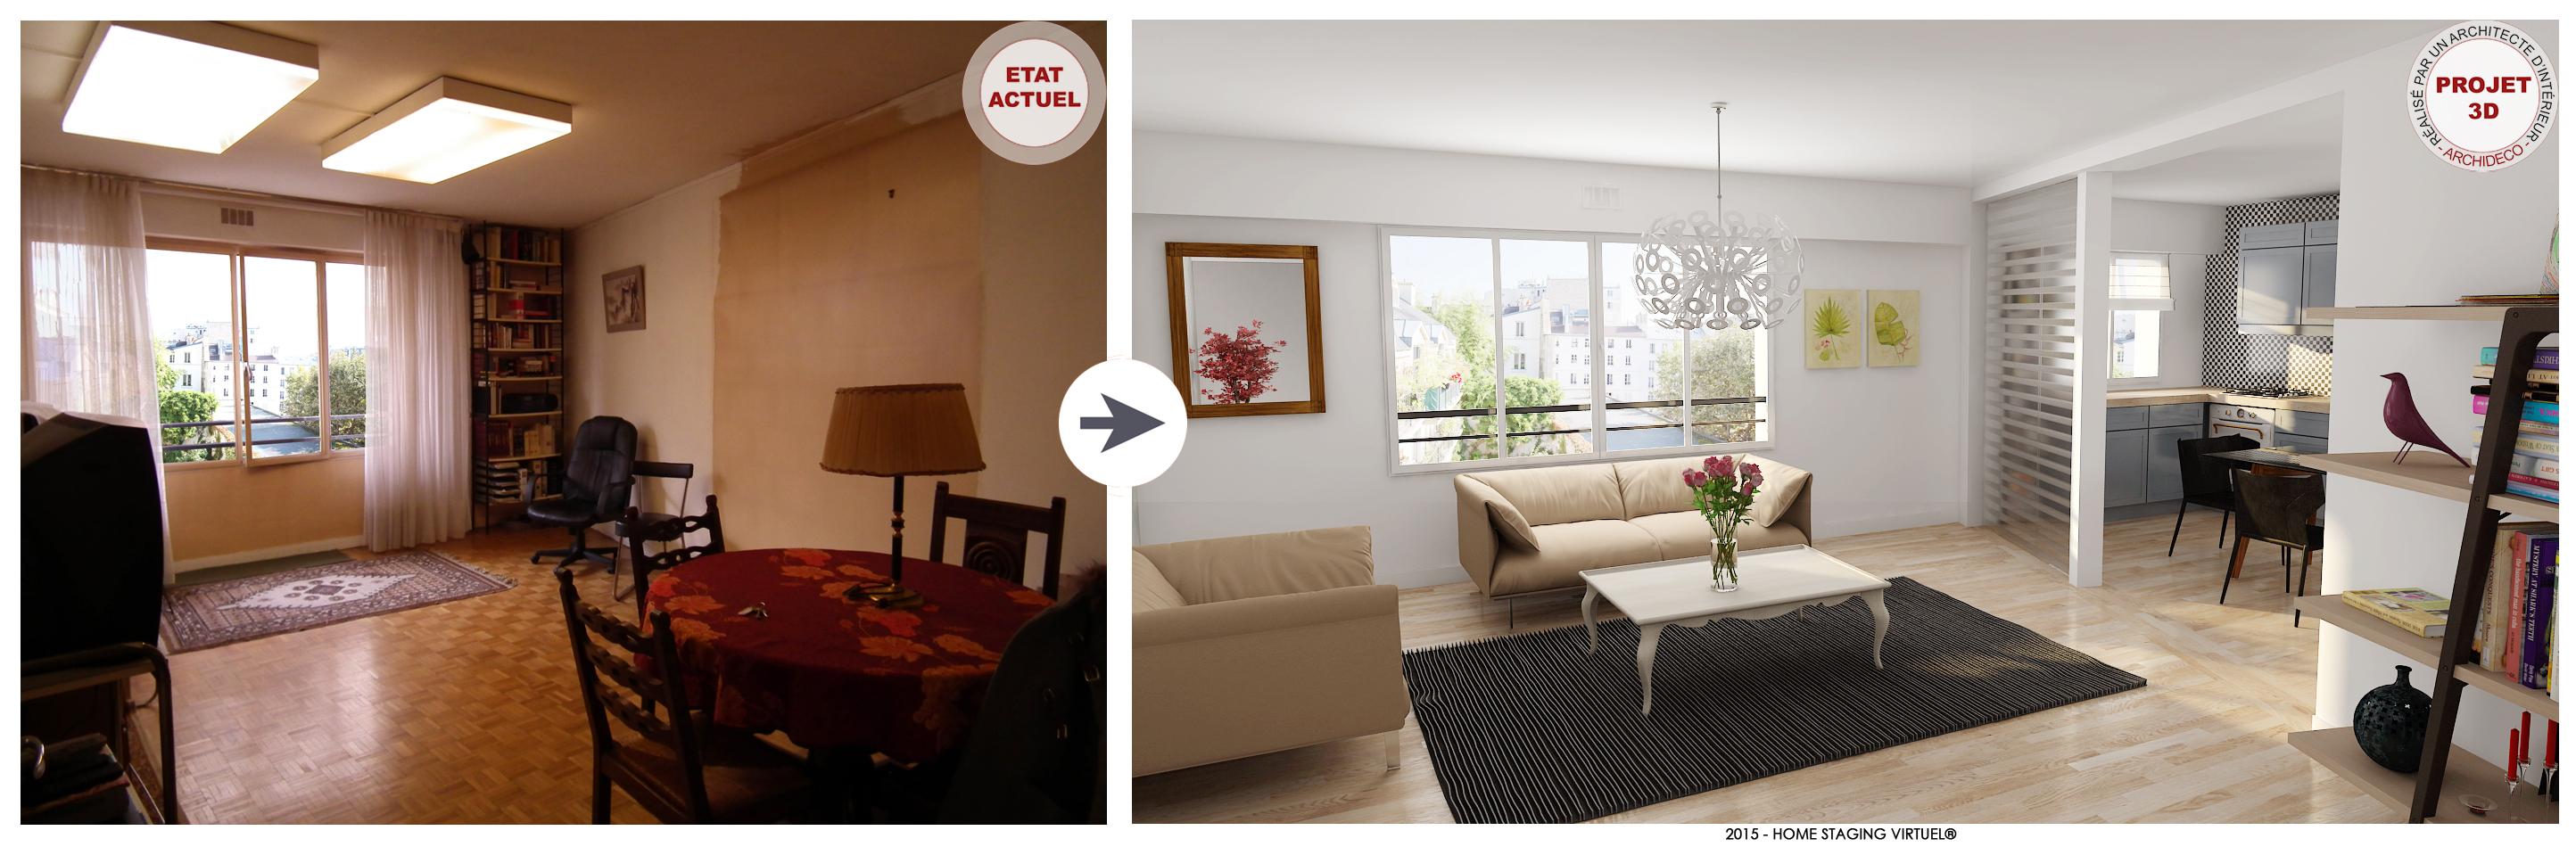 archideco partenaire de l 39 mission chasseurs d 39 appart 39 sur. Black Bedroom Furniture Sets. Home Design Ideas